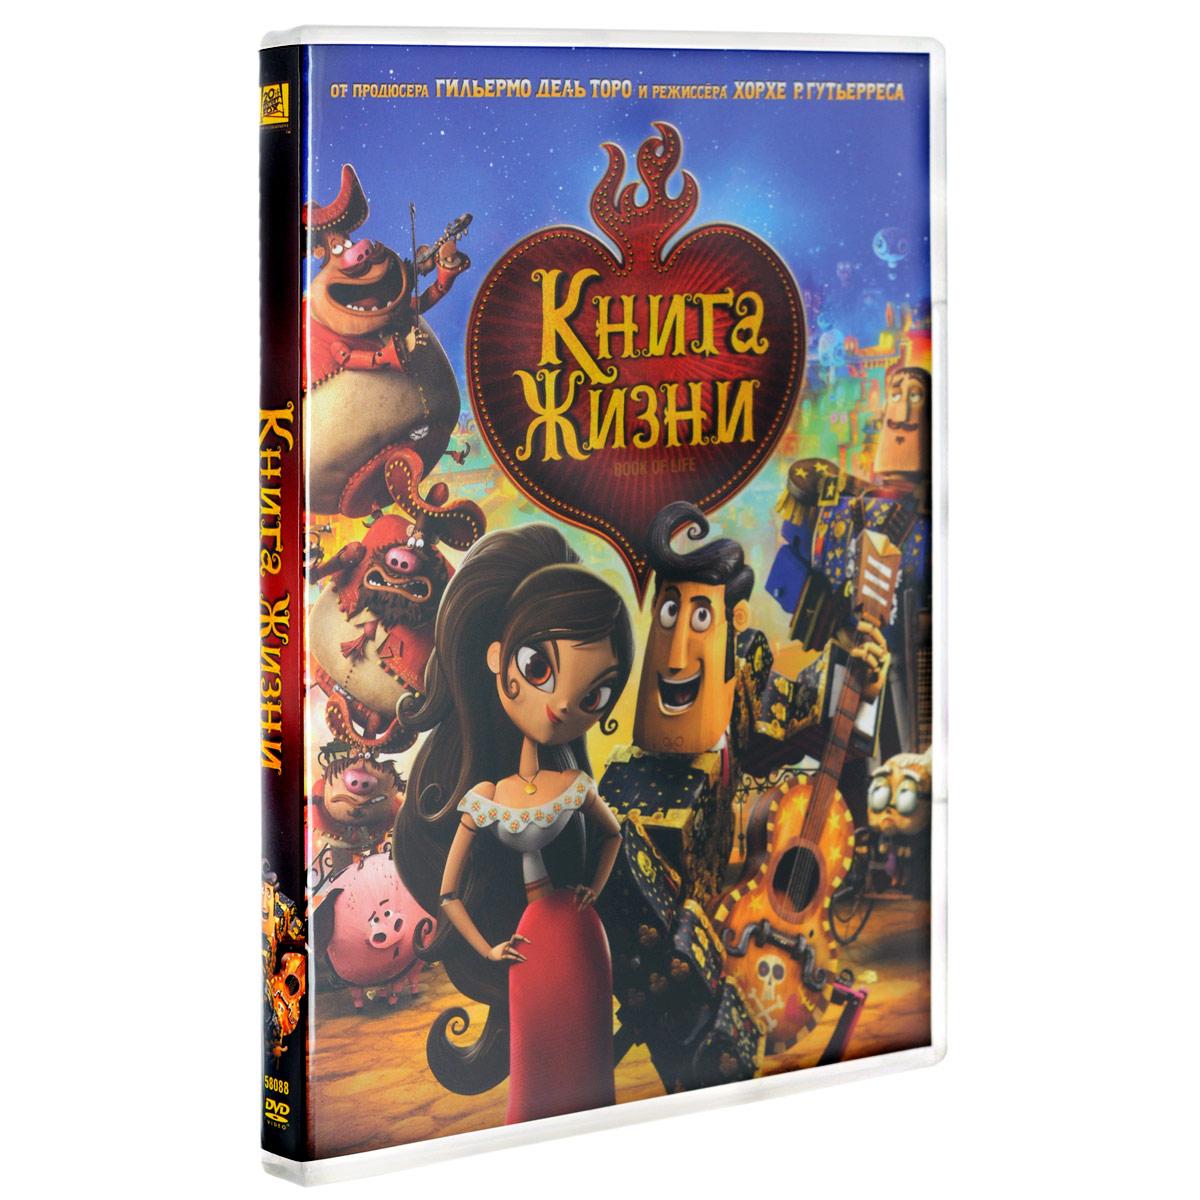 В мультфильме описывается романтическая история любви на фоне празднования Дня мертвых в Мексике.